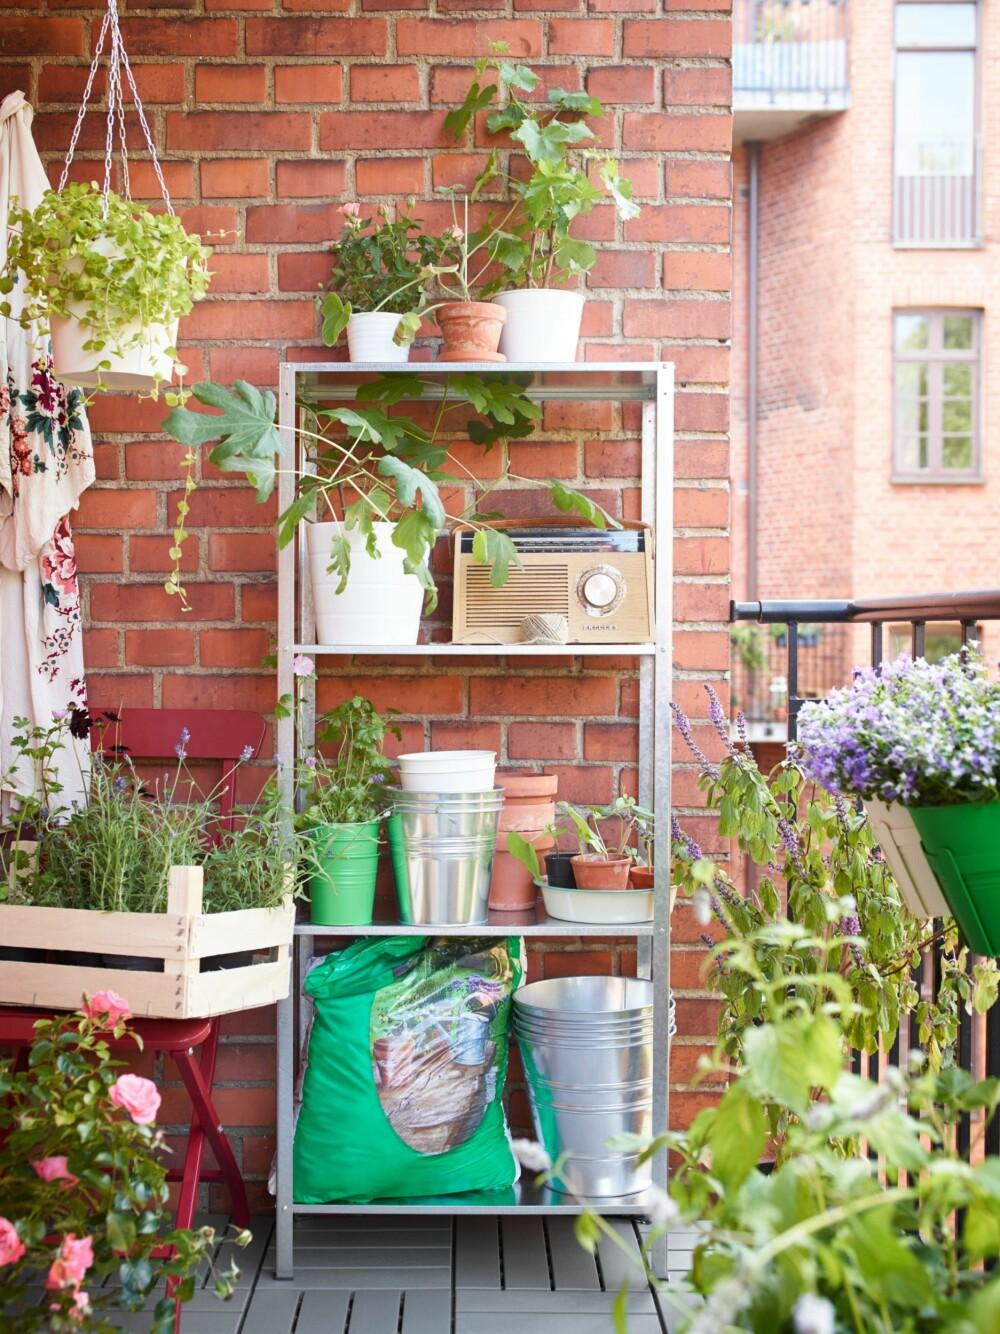 BEGREP I TIDEN: Urban gardening blir et begrep som blir på alles lepper fremover. Nå vil vi ha det grønt rundt oss - også i byen. Hyllen er fra Ikea.